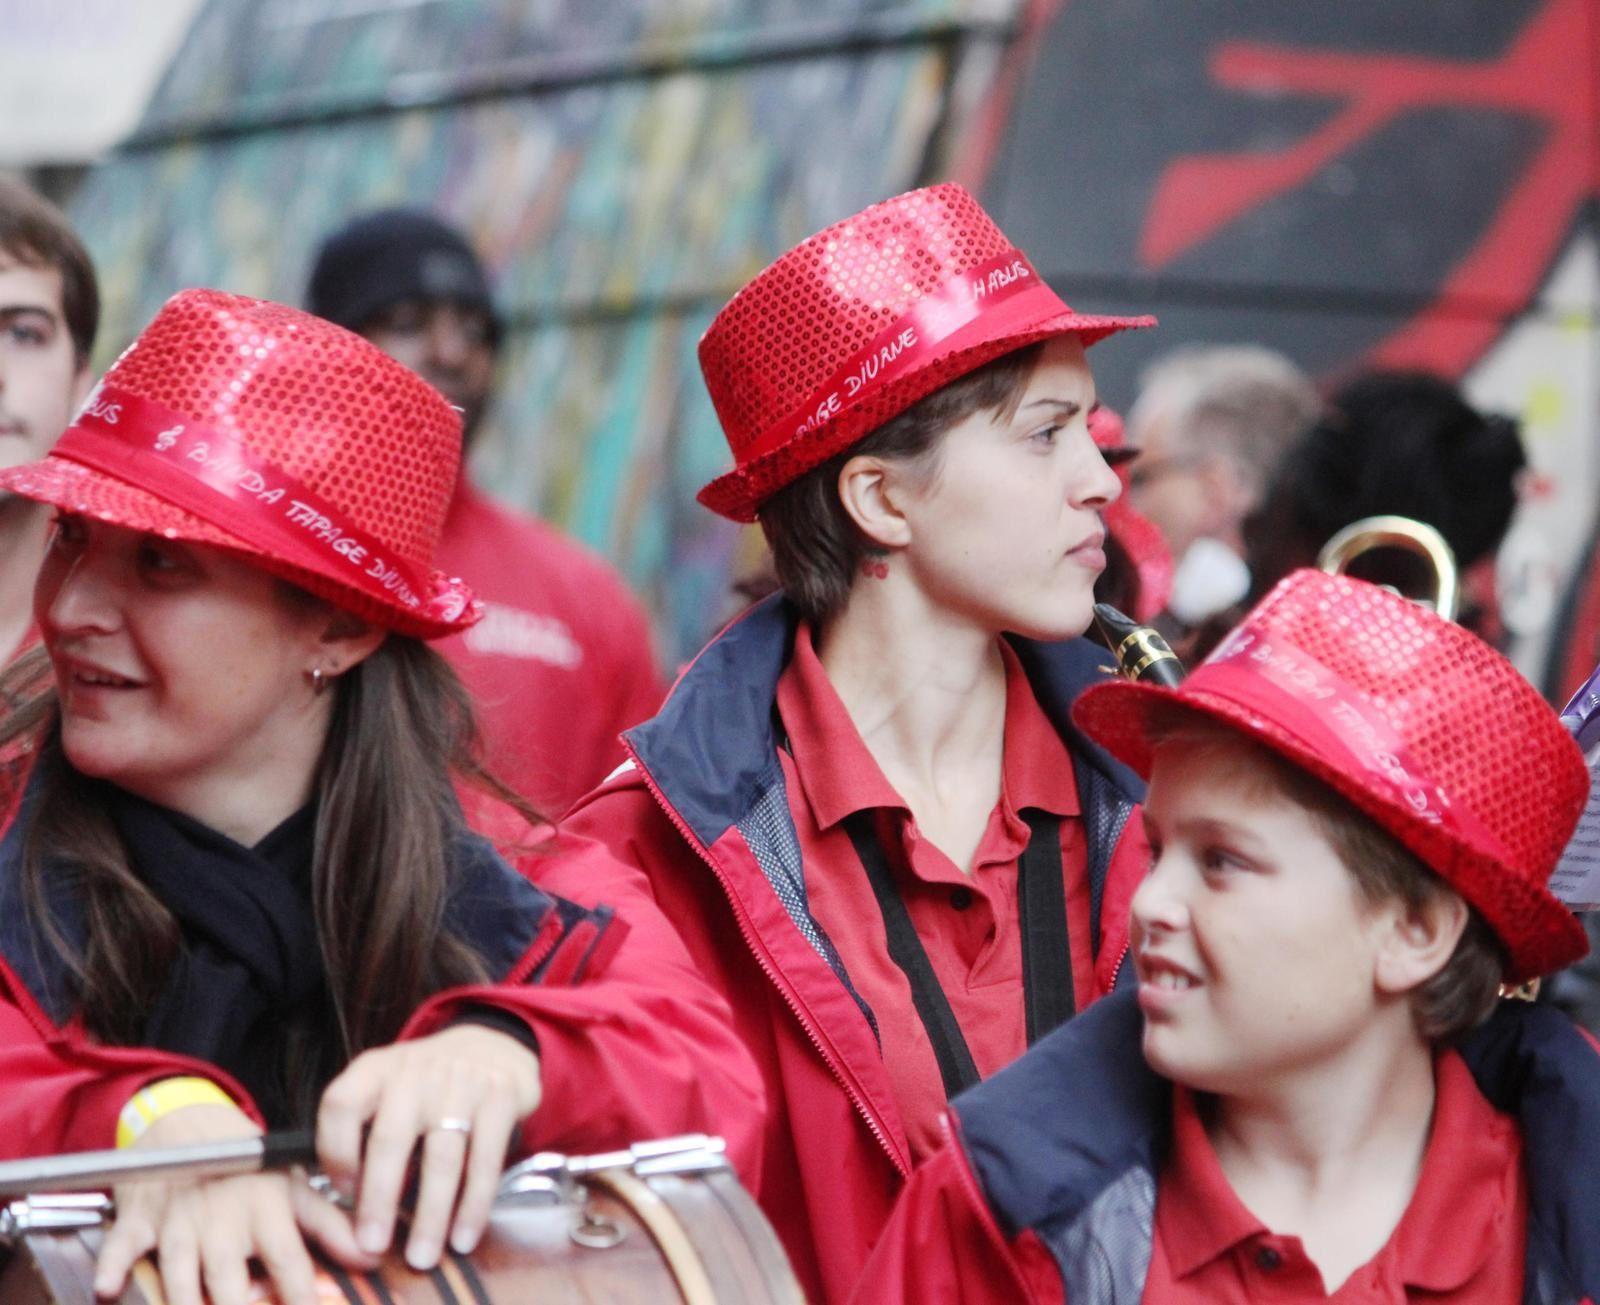 Défilé des Vendanges. Montmartre 11 octobre 2014